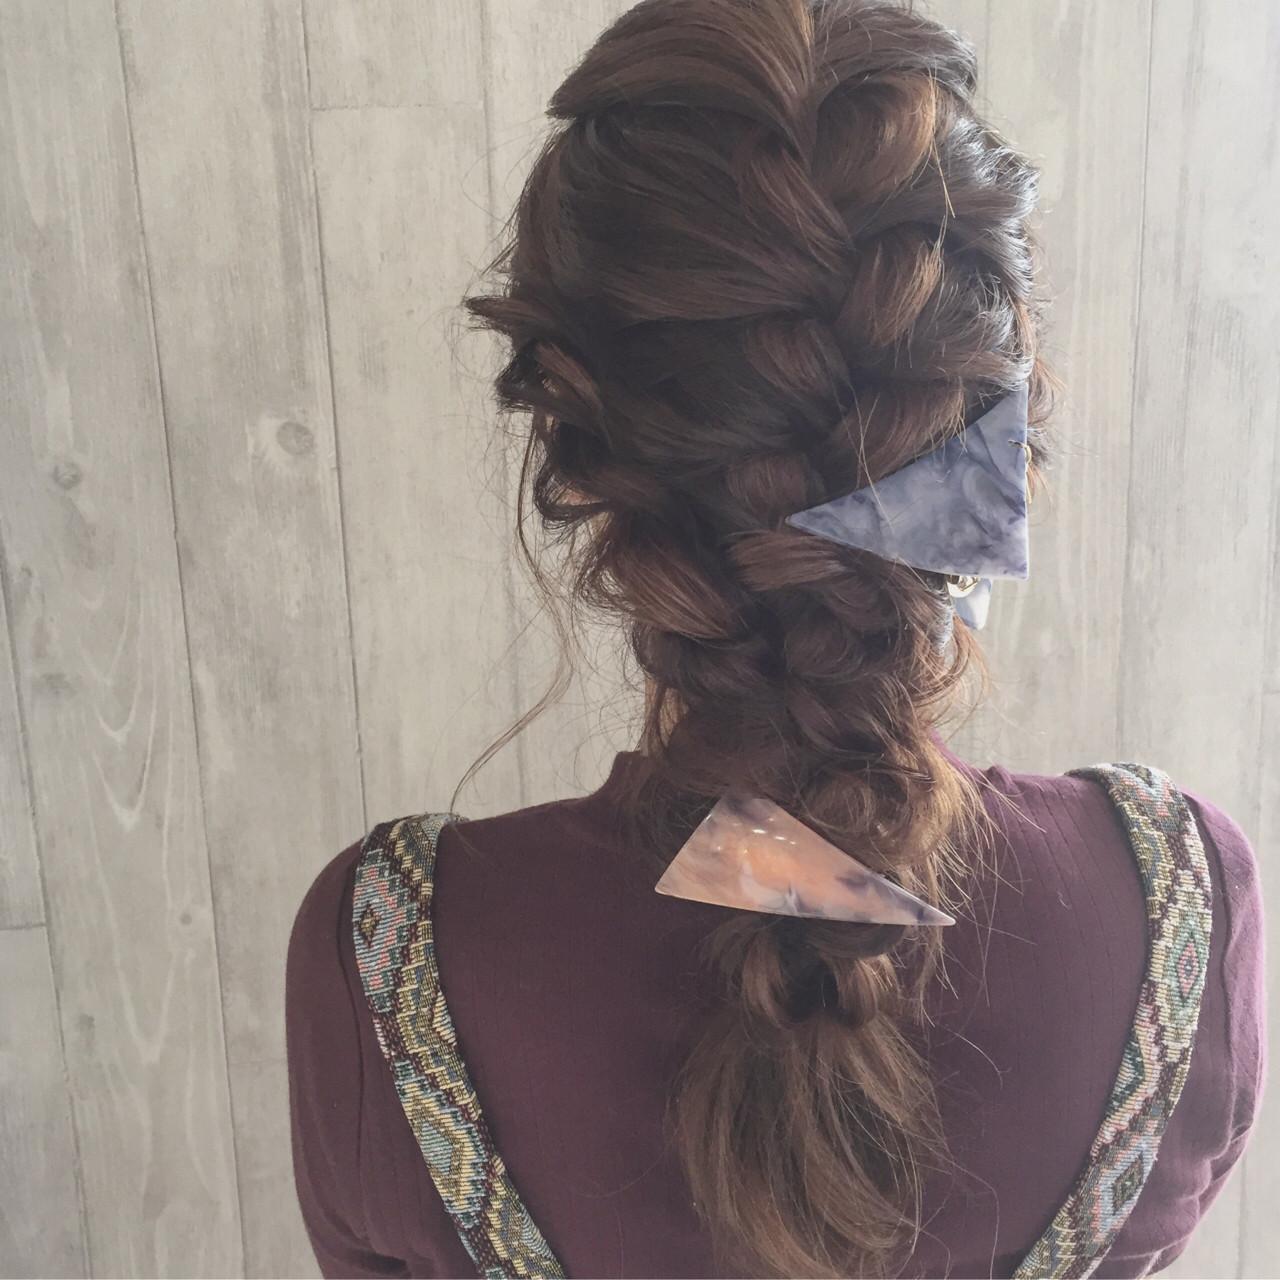 ポニーテール×スカーフで作る簡単可愛いヘアスタイル♡ 宮田 恵里香